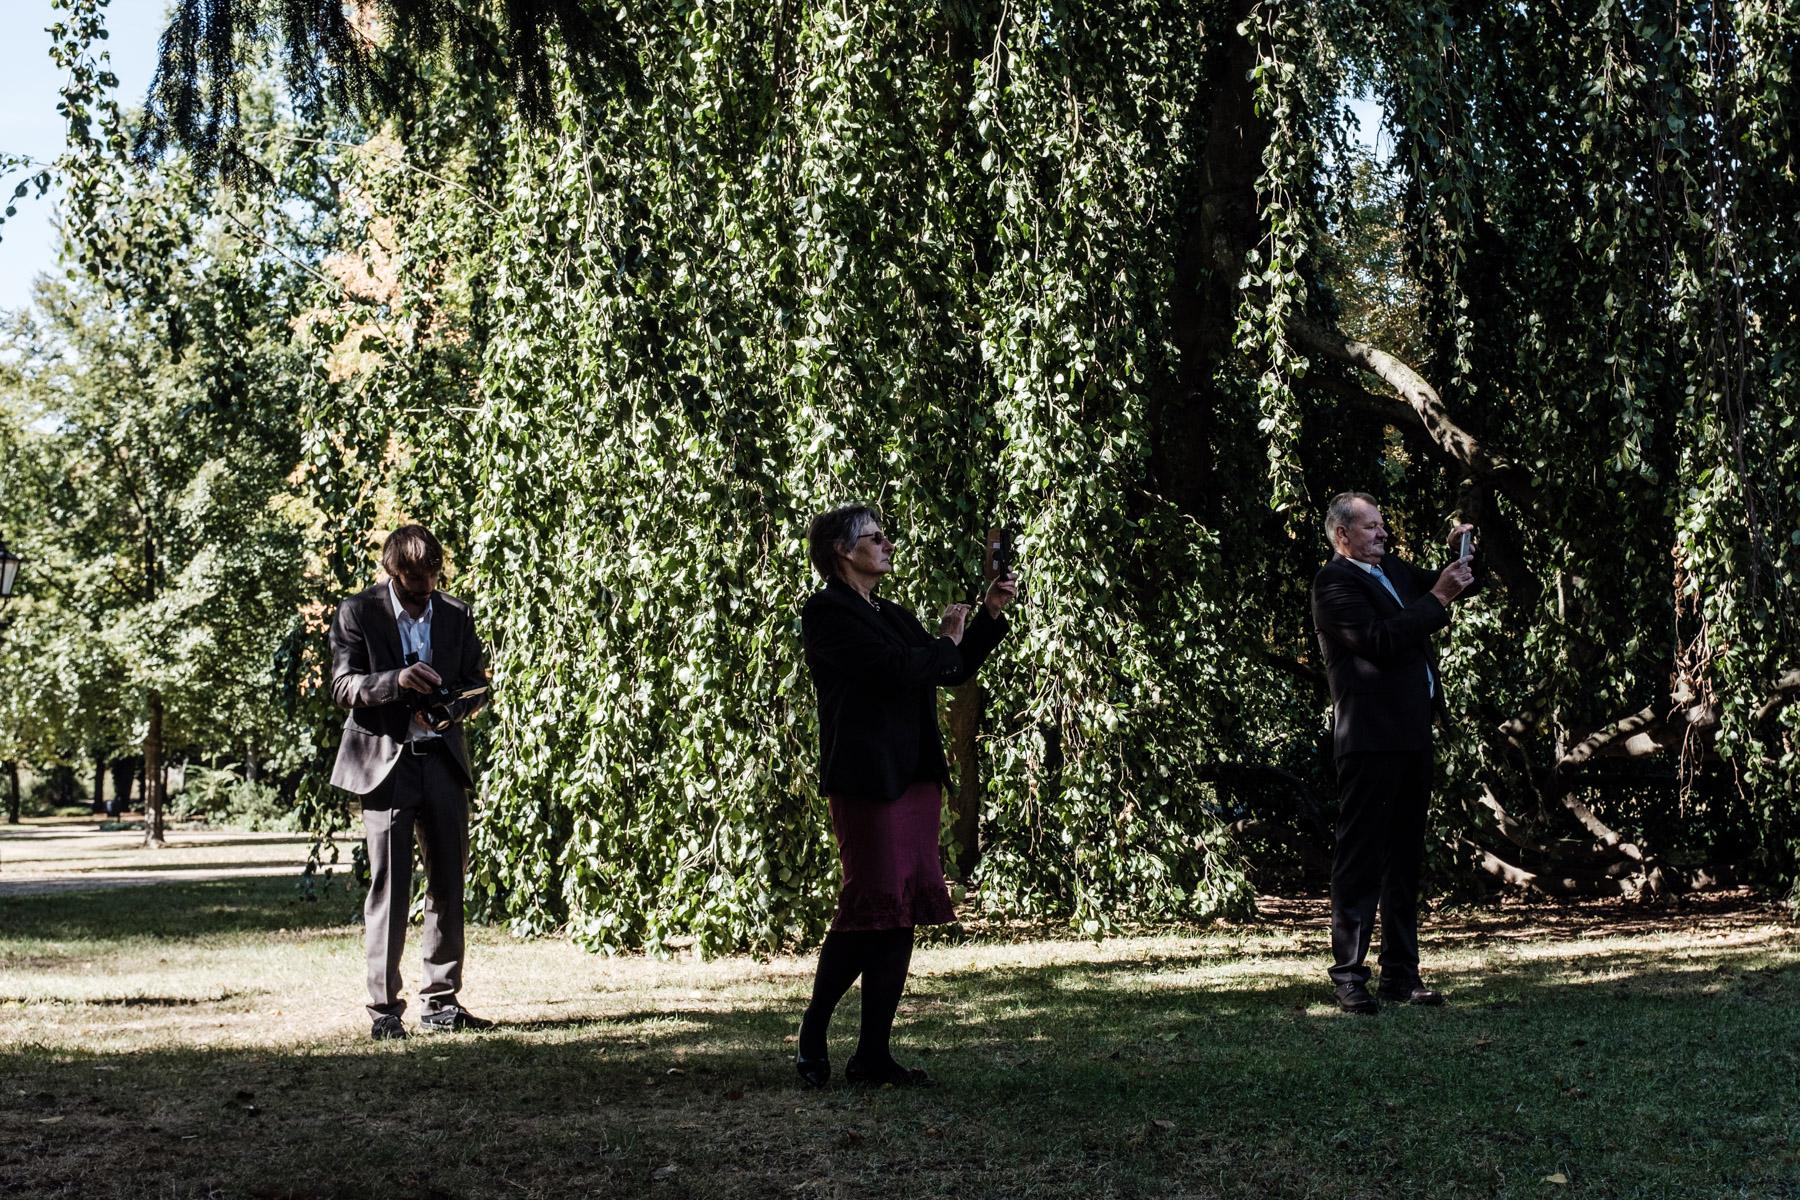 MartinLiebl_Kein_Hochzeitsfotograf_Blog_CWF_Bad_Neustadt_31.jpg